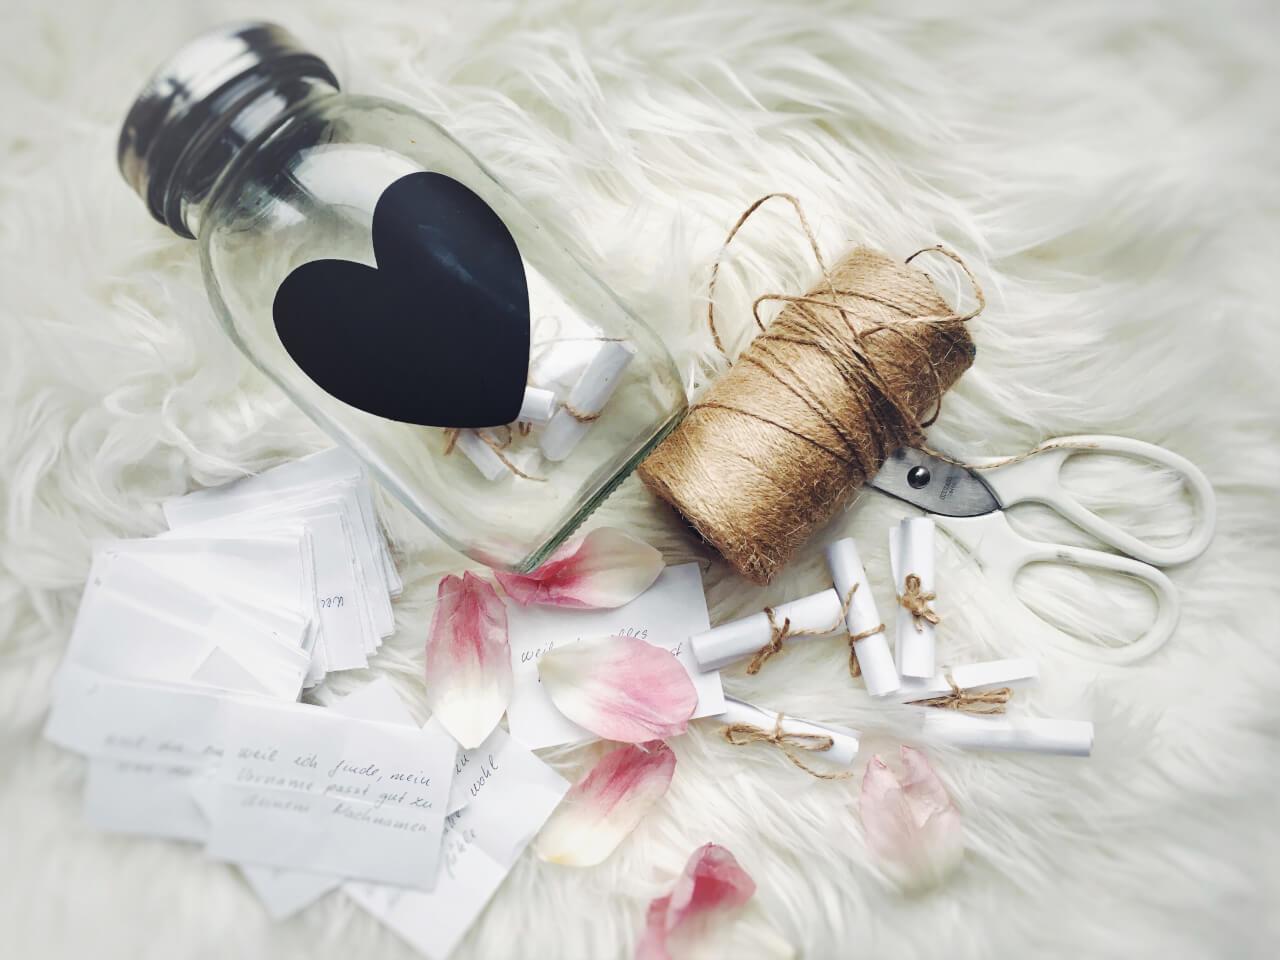 valentine1 - Sag es mit einem Geschenk oder Inspirationen für Verliebte